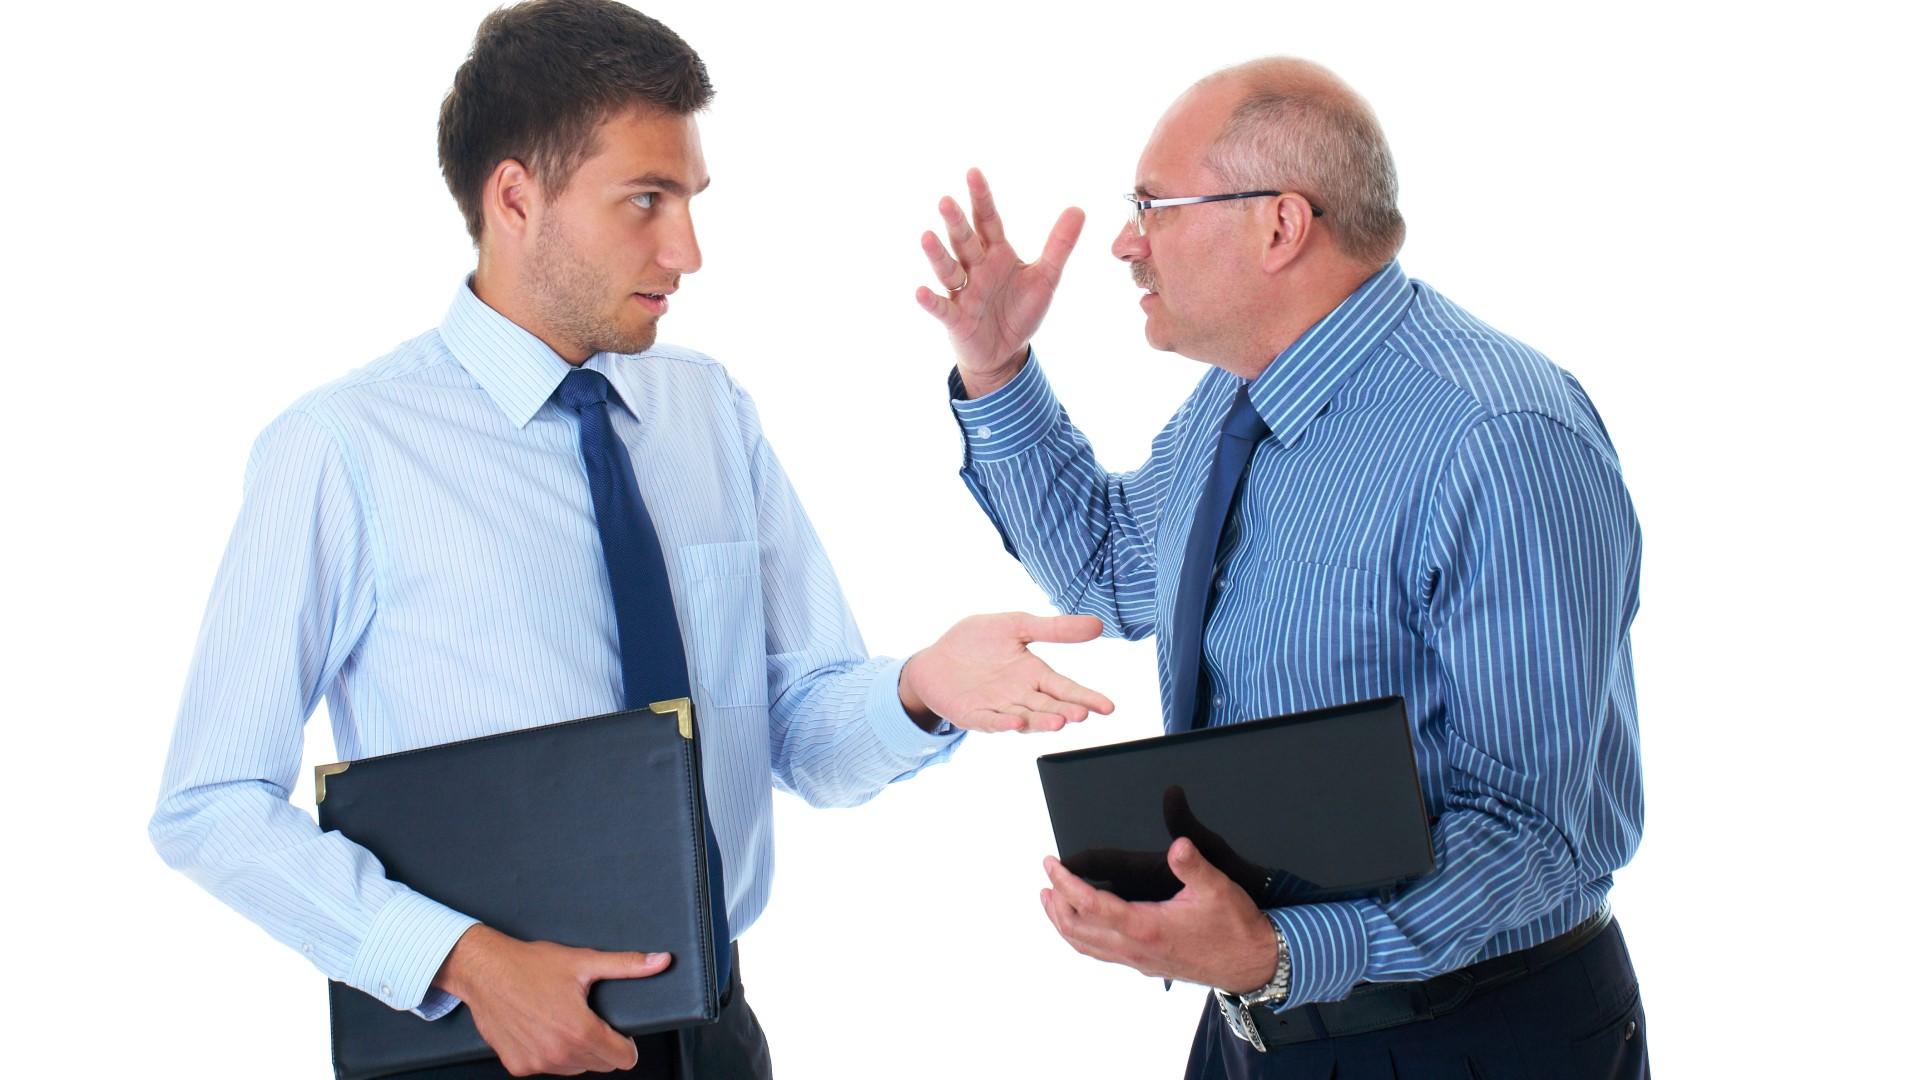 Vater und Sohn streiten in der Firma Unternehmensnachfolge GENAPLAN Hamburg